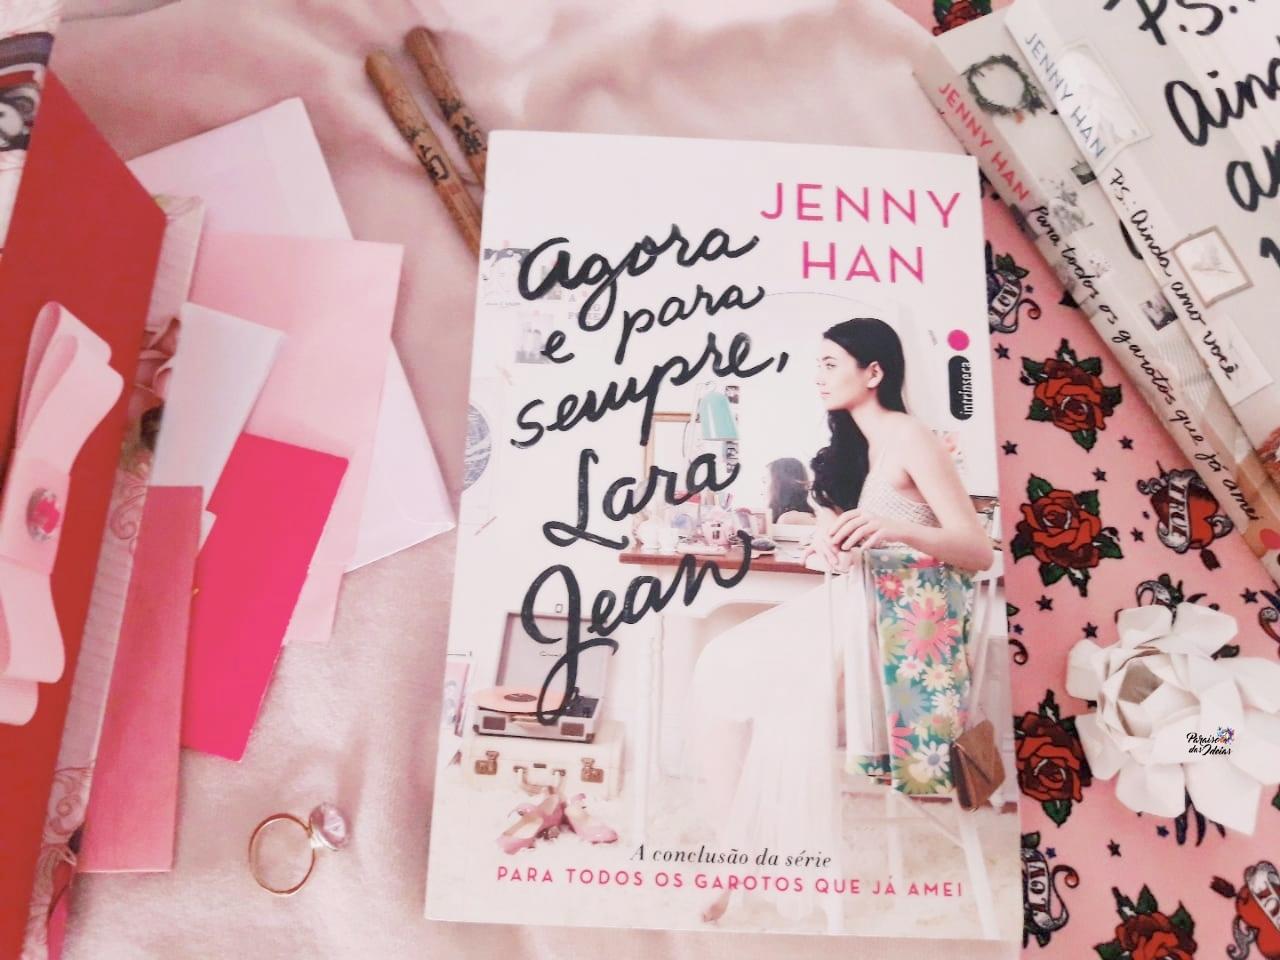 Resenha | Agora e para sempre Lara Jean  - Jenny Han